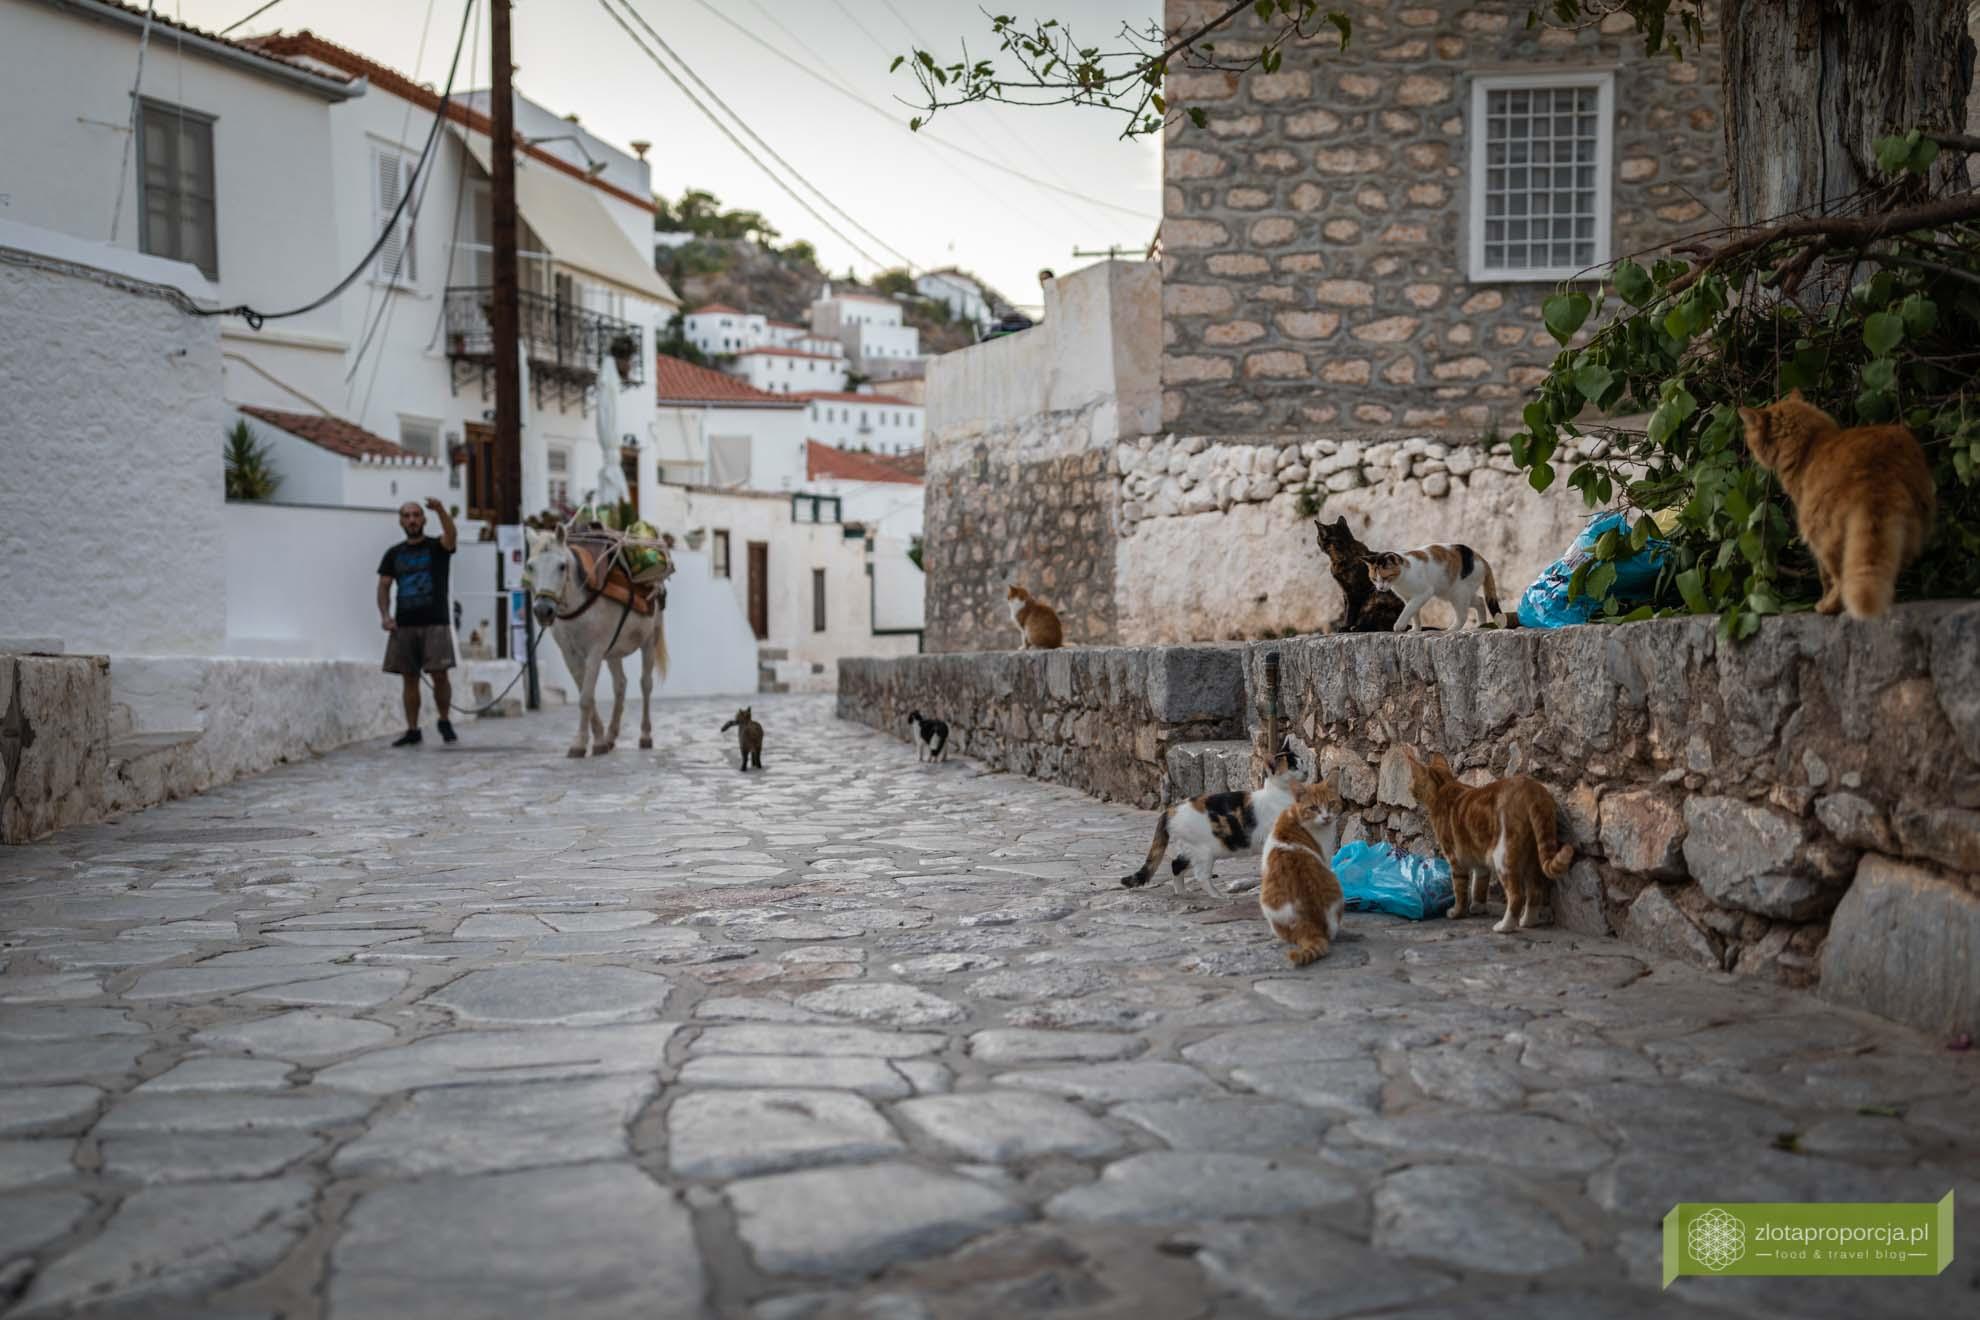 Hydra; wyspa Hydra; Wyspy Sarońskie; Grecja; greckie wyspy; okolice Aten; najpiękniejsze greckie wyspy; hydra osły